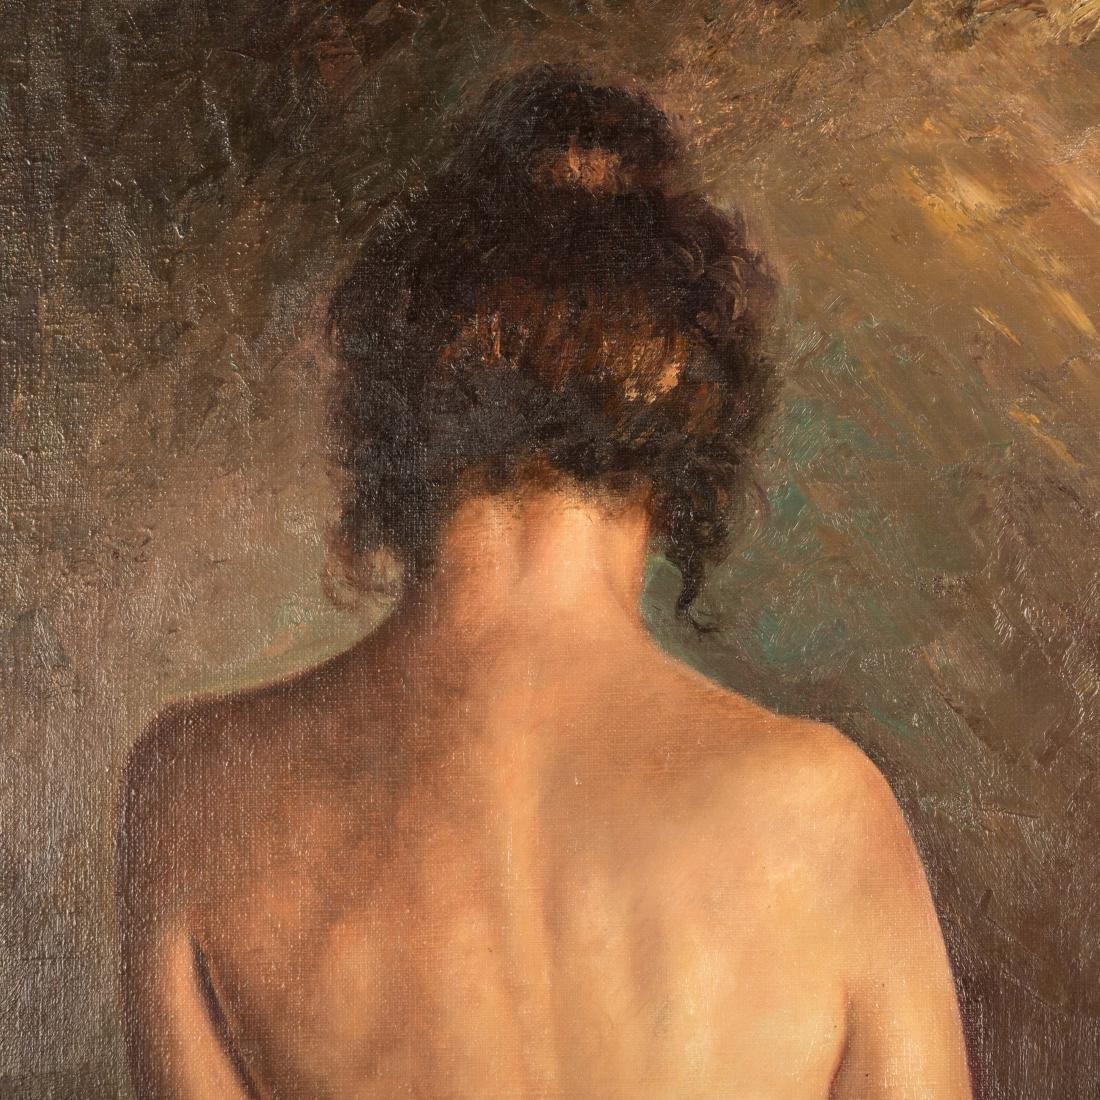 Harold Johnsen - Oil on Canvas - Nude - 2